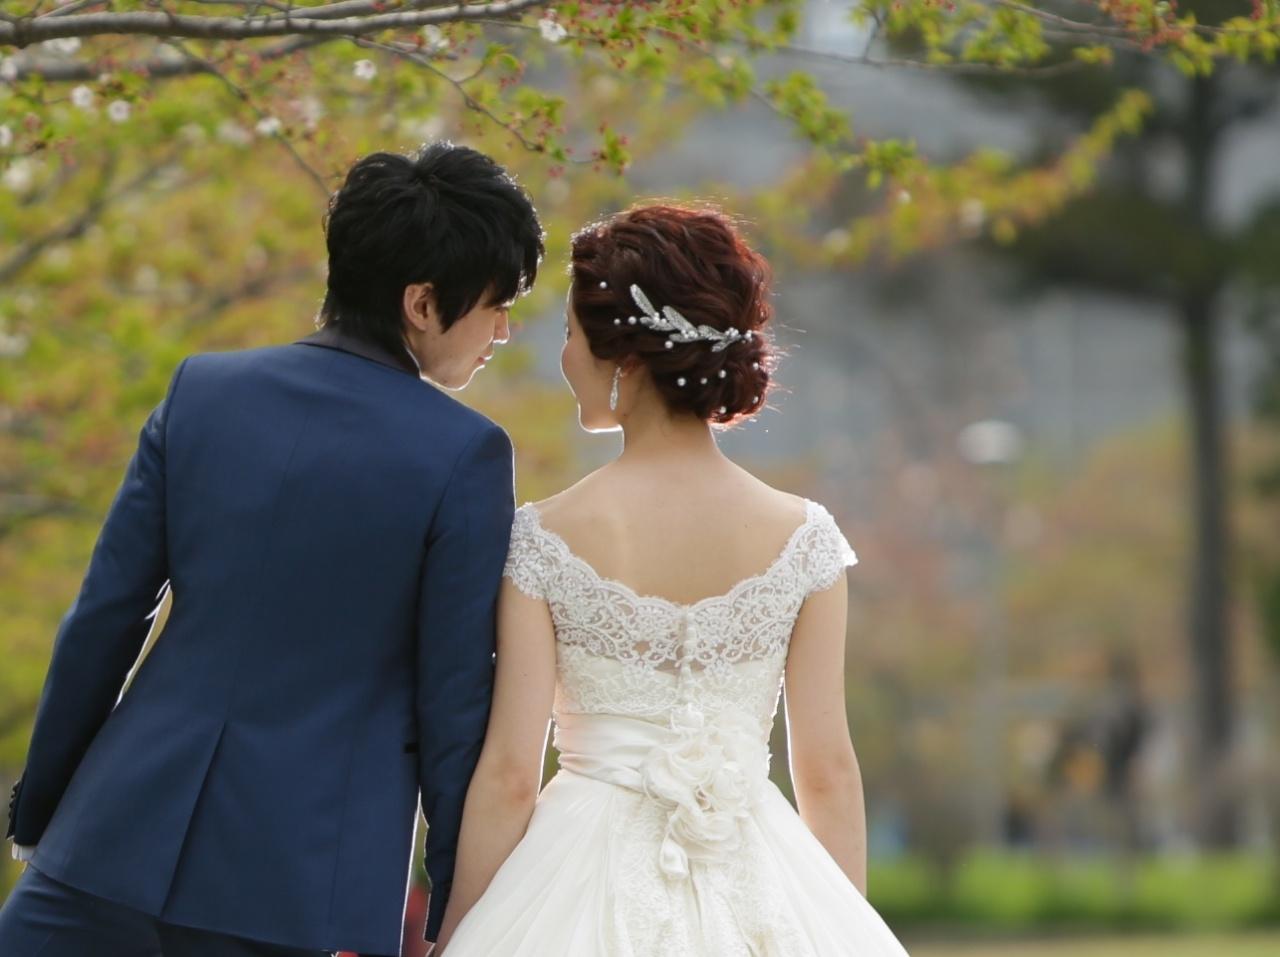 花嫁ヘアに必須!あなたならどんなヘッドドレスを選びますか?